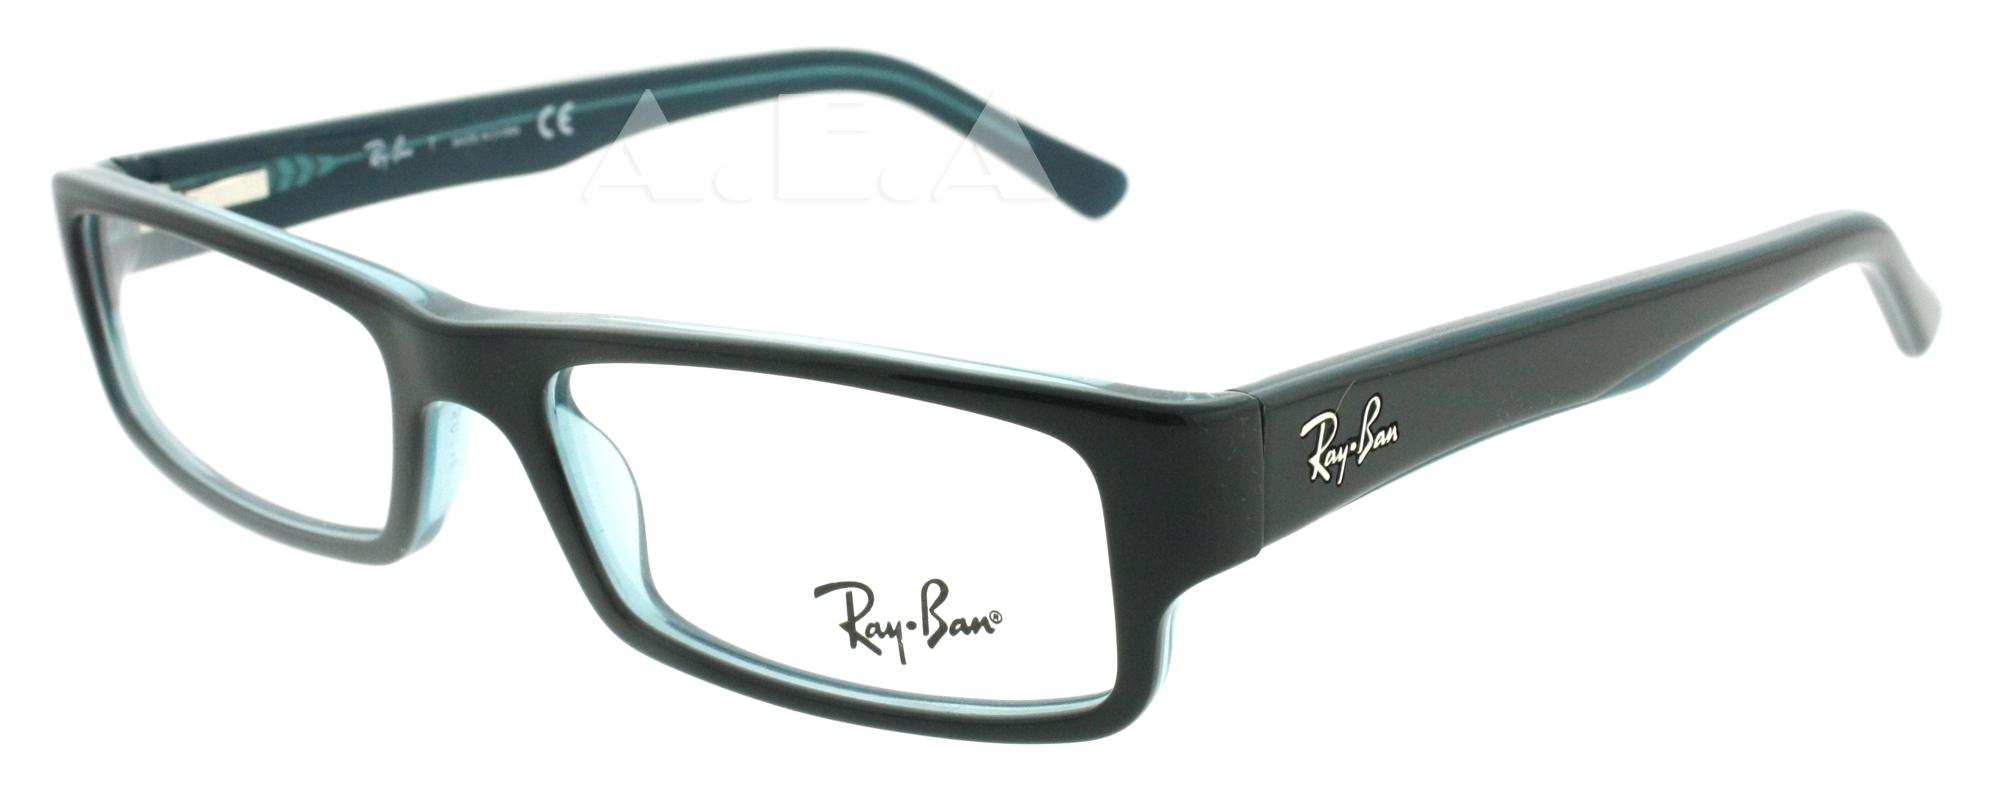 f4bc13d403 Ray Ban 5092 Black